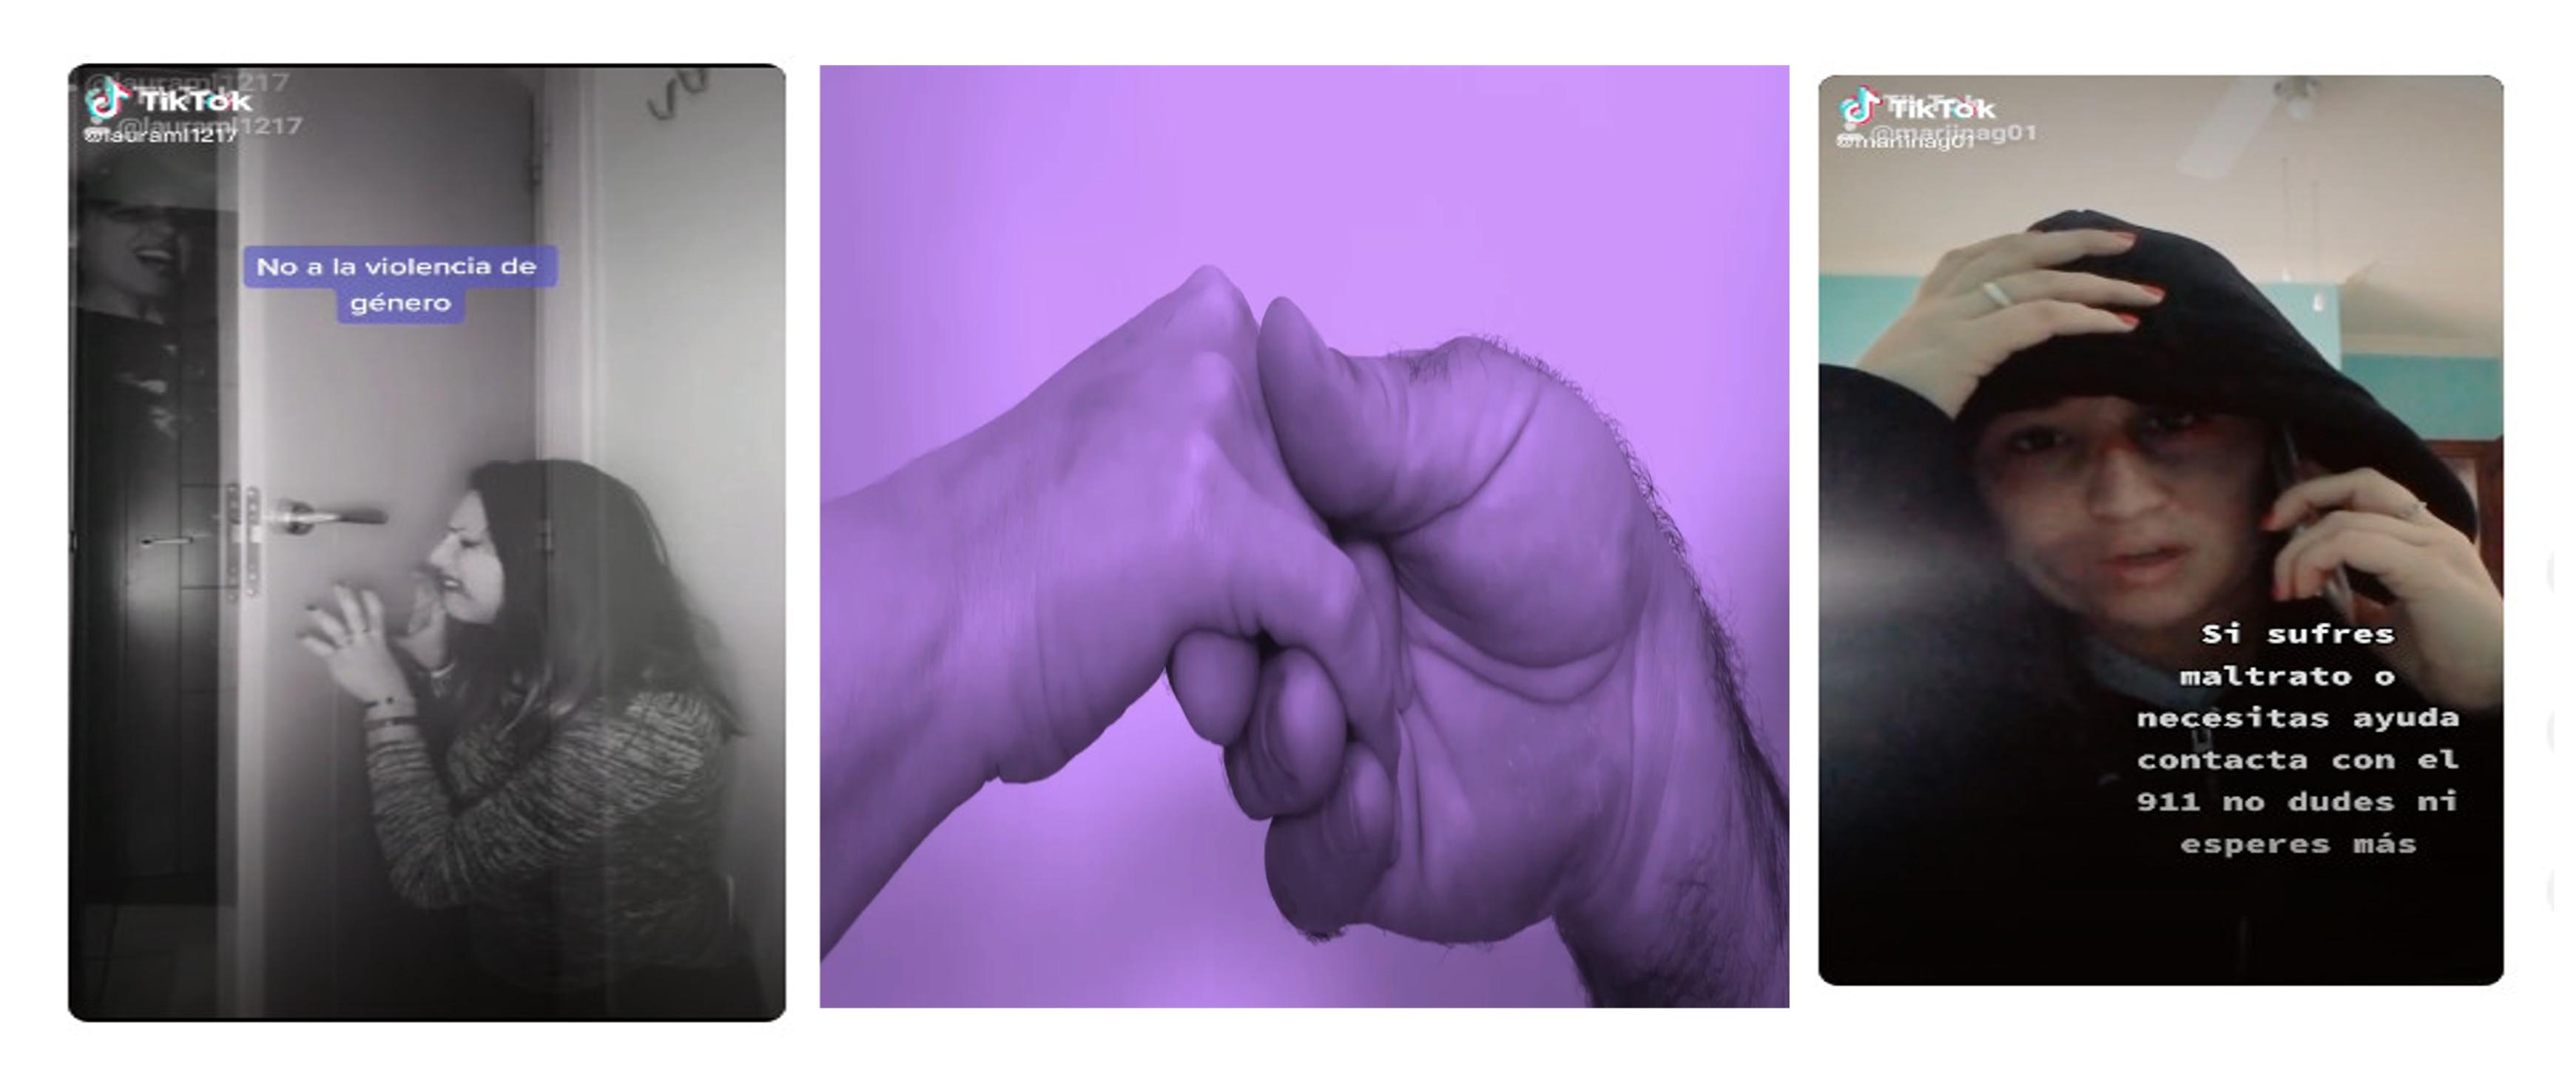 imagenes-videos-ganadores-concurso-cortos-y-tik-tok-contra-la-violencia-de-genero-dic2020-g